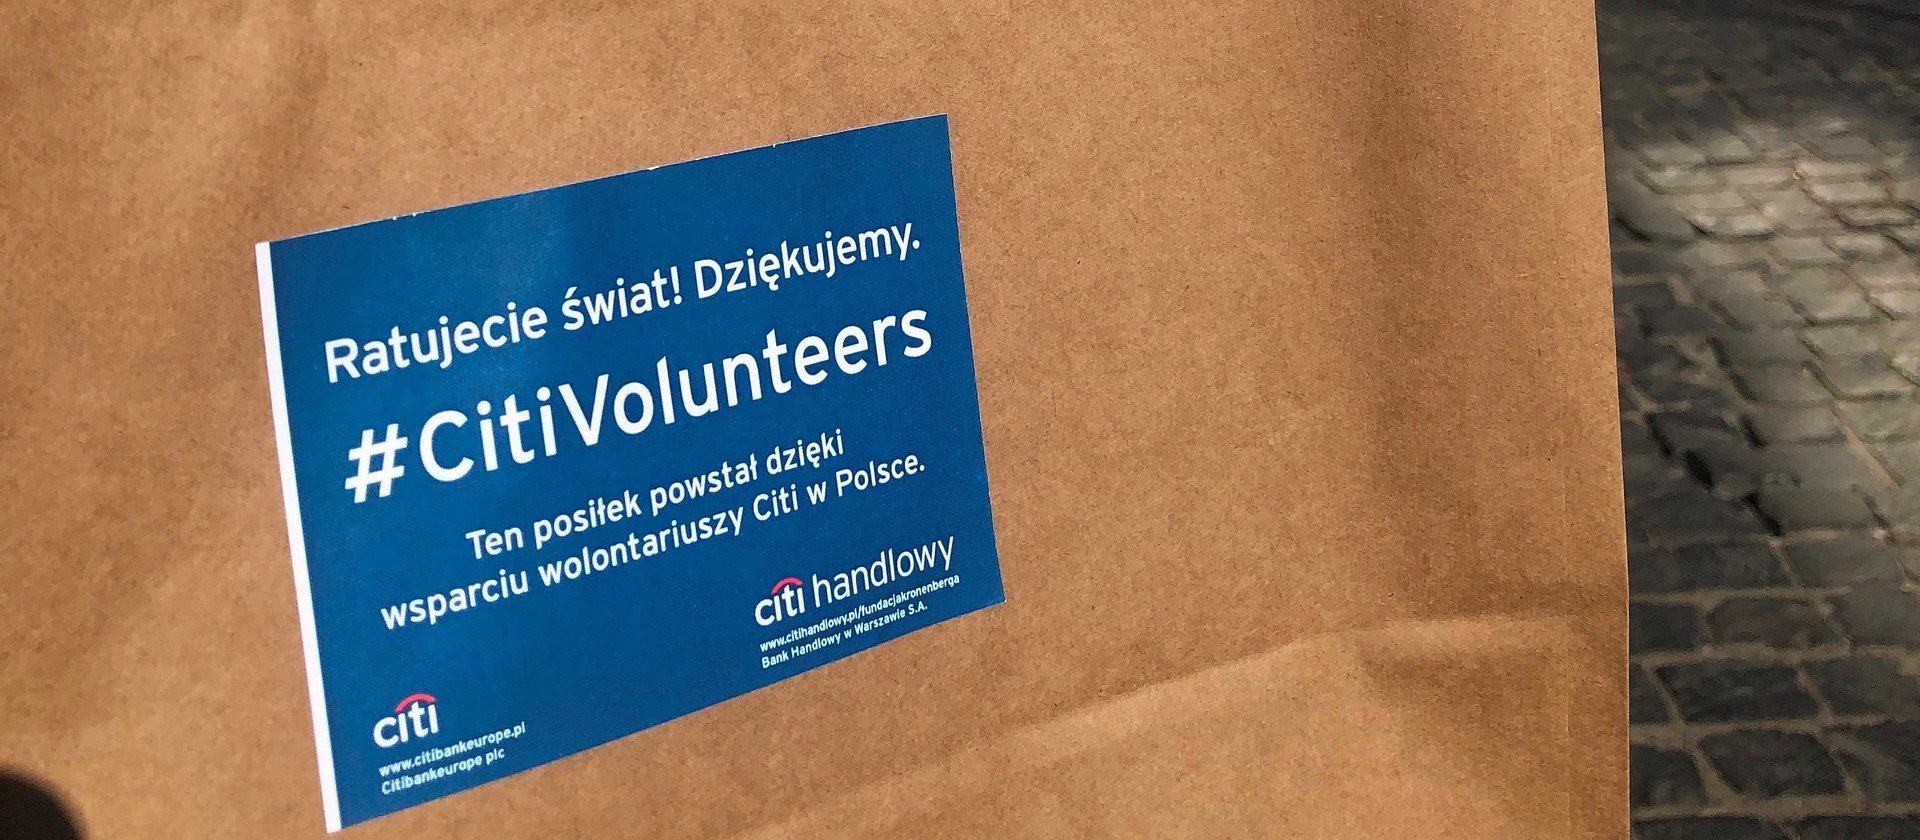 Ponad tysiąc wolontariuszy Citi wspiera ratowników w Warszawie i Olsztynie